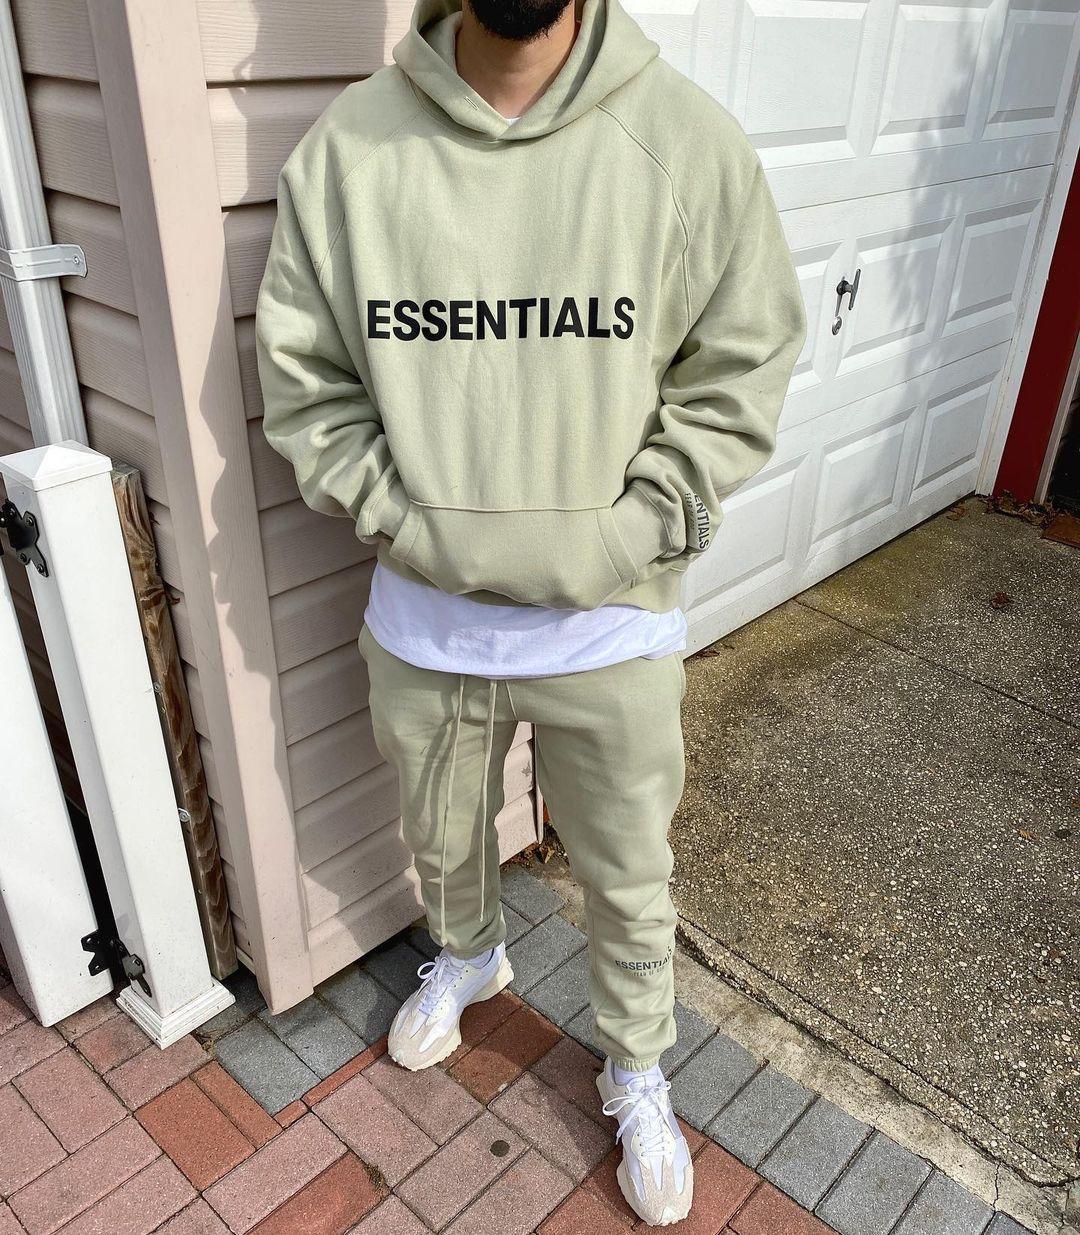 Бог Пуловер Туманный Туман Основы Страх о капюшонах 3D Кремниевый аппликация Передняя флисовая капюшона повседневная негабаритная толстовка хип-хоп уличная одежда